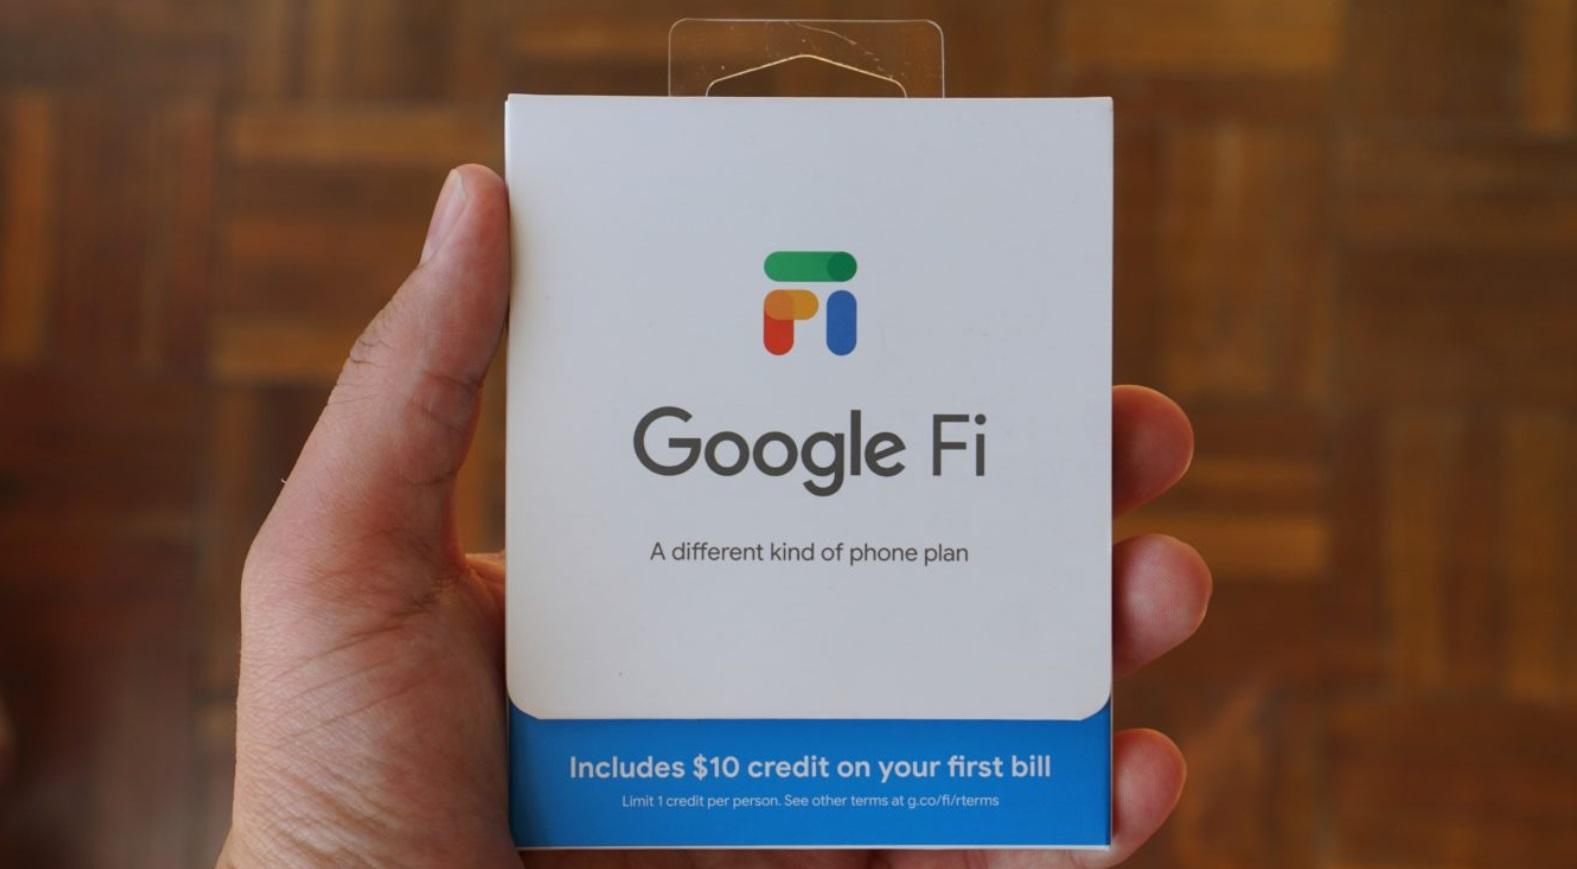 อเมริกาจ่อปิด 3G ในสิ้นปีนี้ เร่งย้ายลูกค้า Google Fi ไป 5G หลัง T-Mobile ยุติการให้บริการ ตามด้วย AT&T